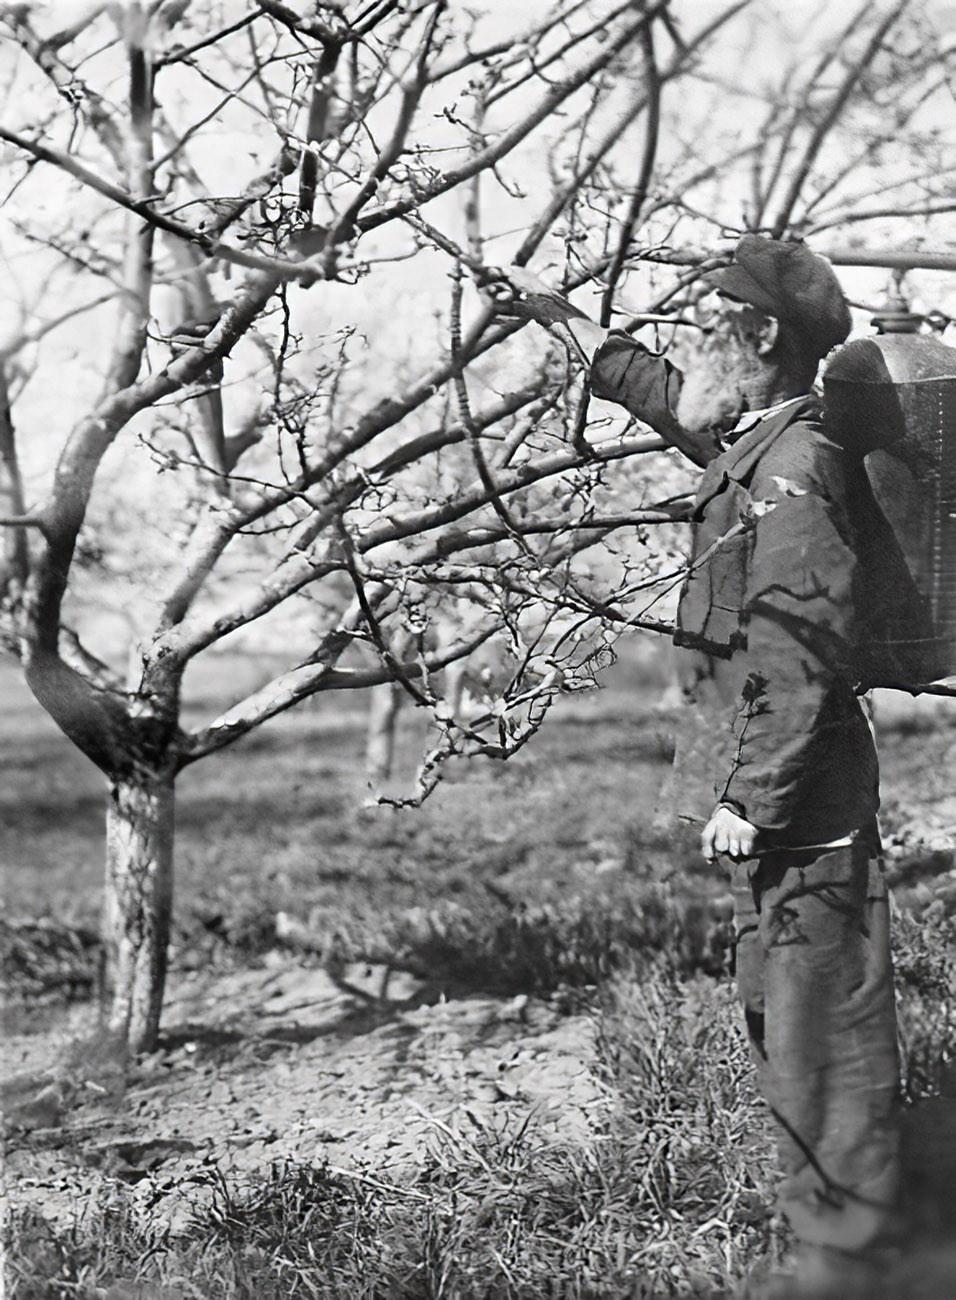 1932 Семидесятилетний колхозник Грибков опрыскивает яблони в саду колхоза села Очаково Кунцевского района. РГАКФД